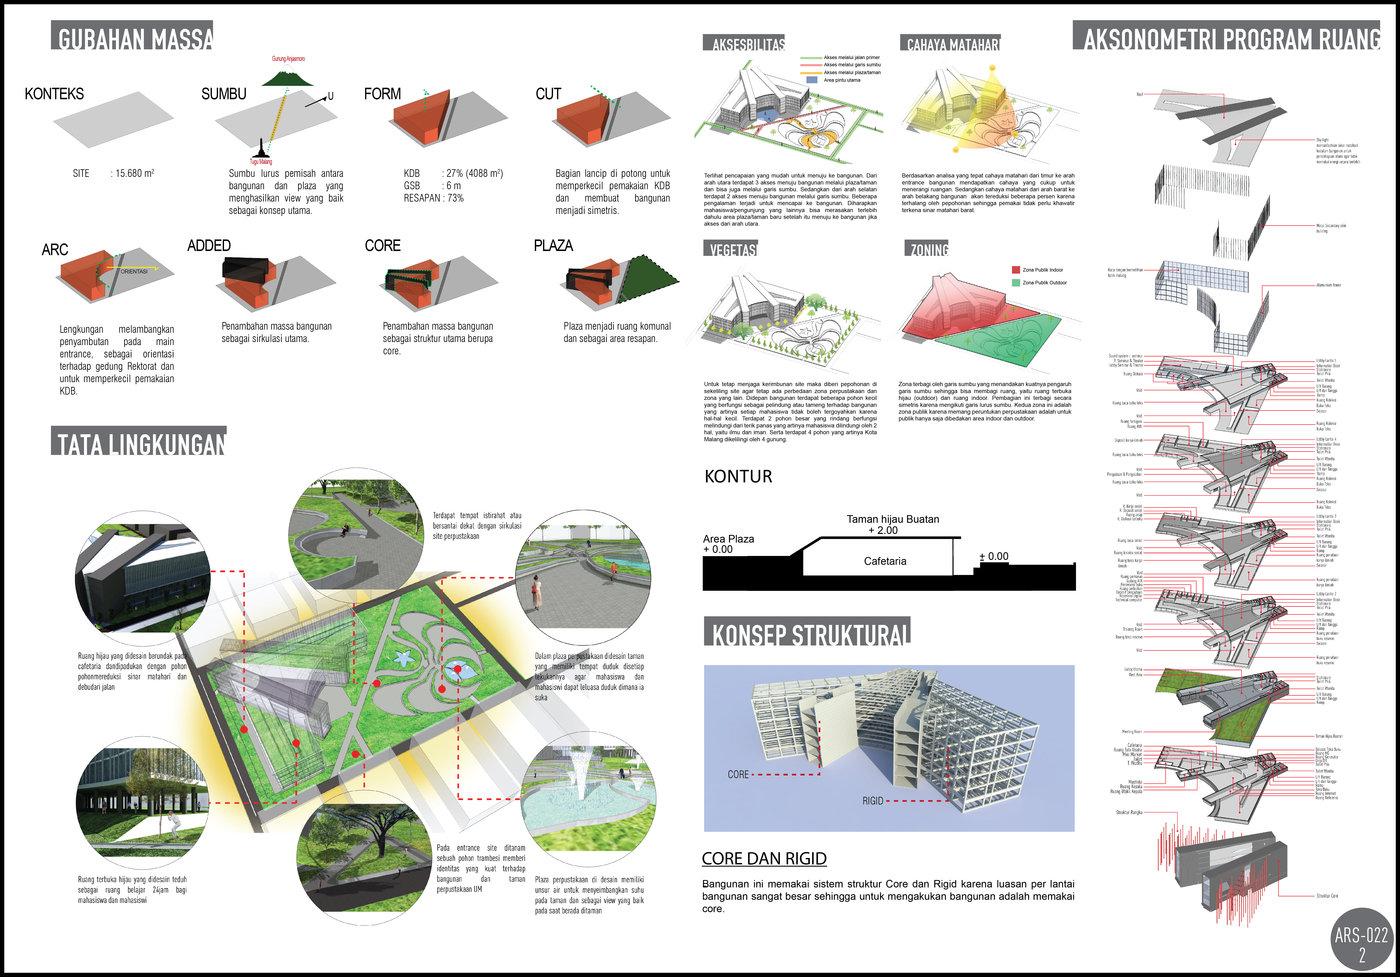 950 Koleksi Ide Contoh Desain Arsitektur HD Terbaru Unduh Gratis